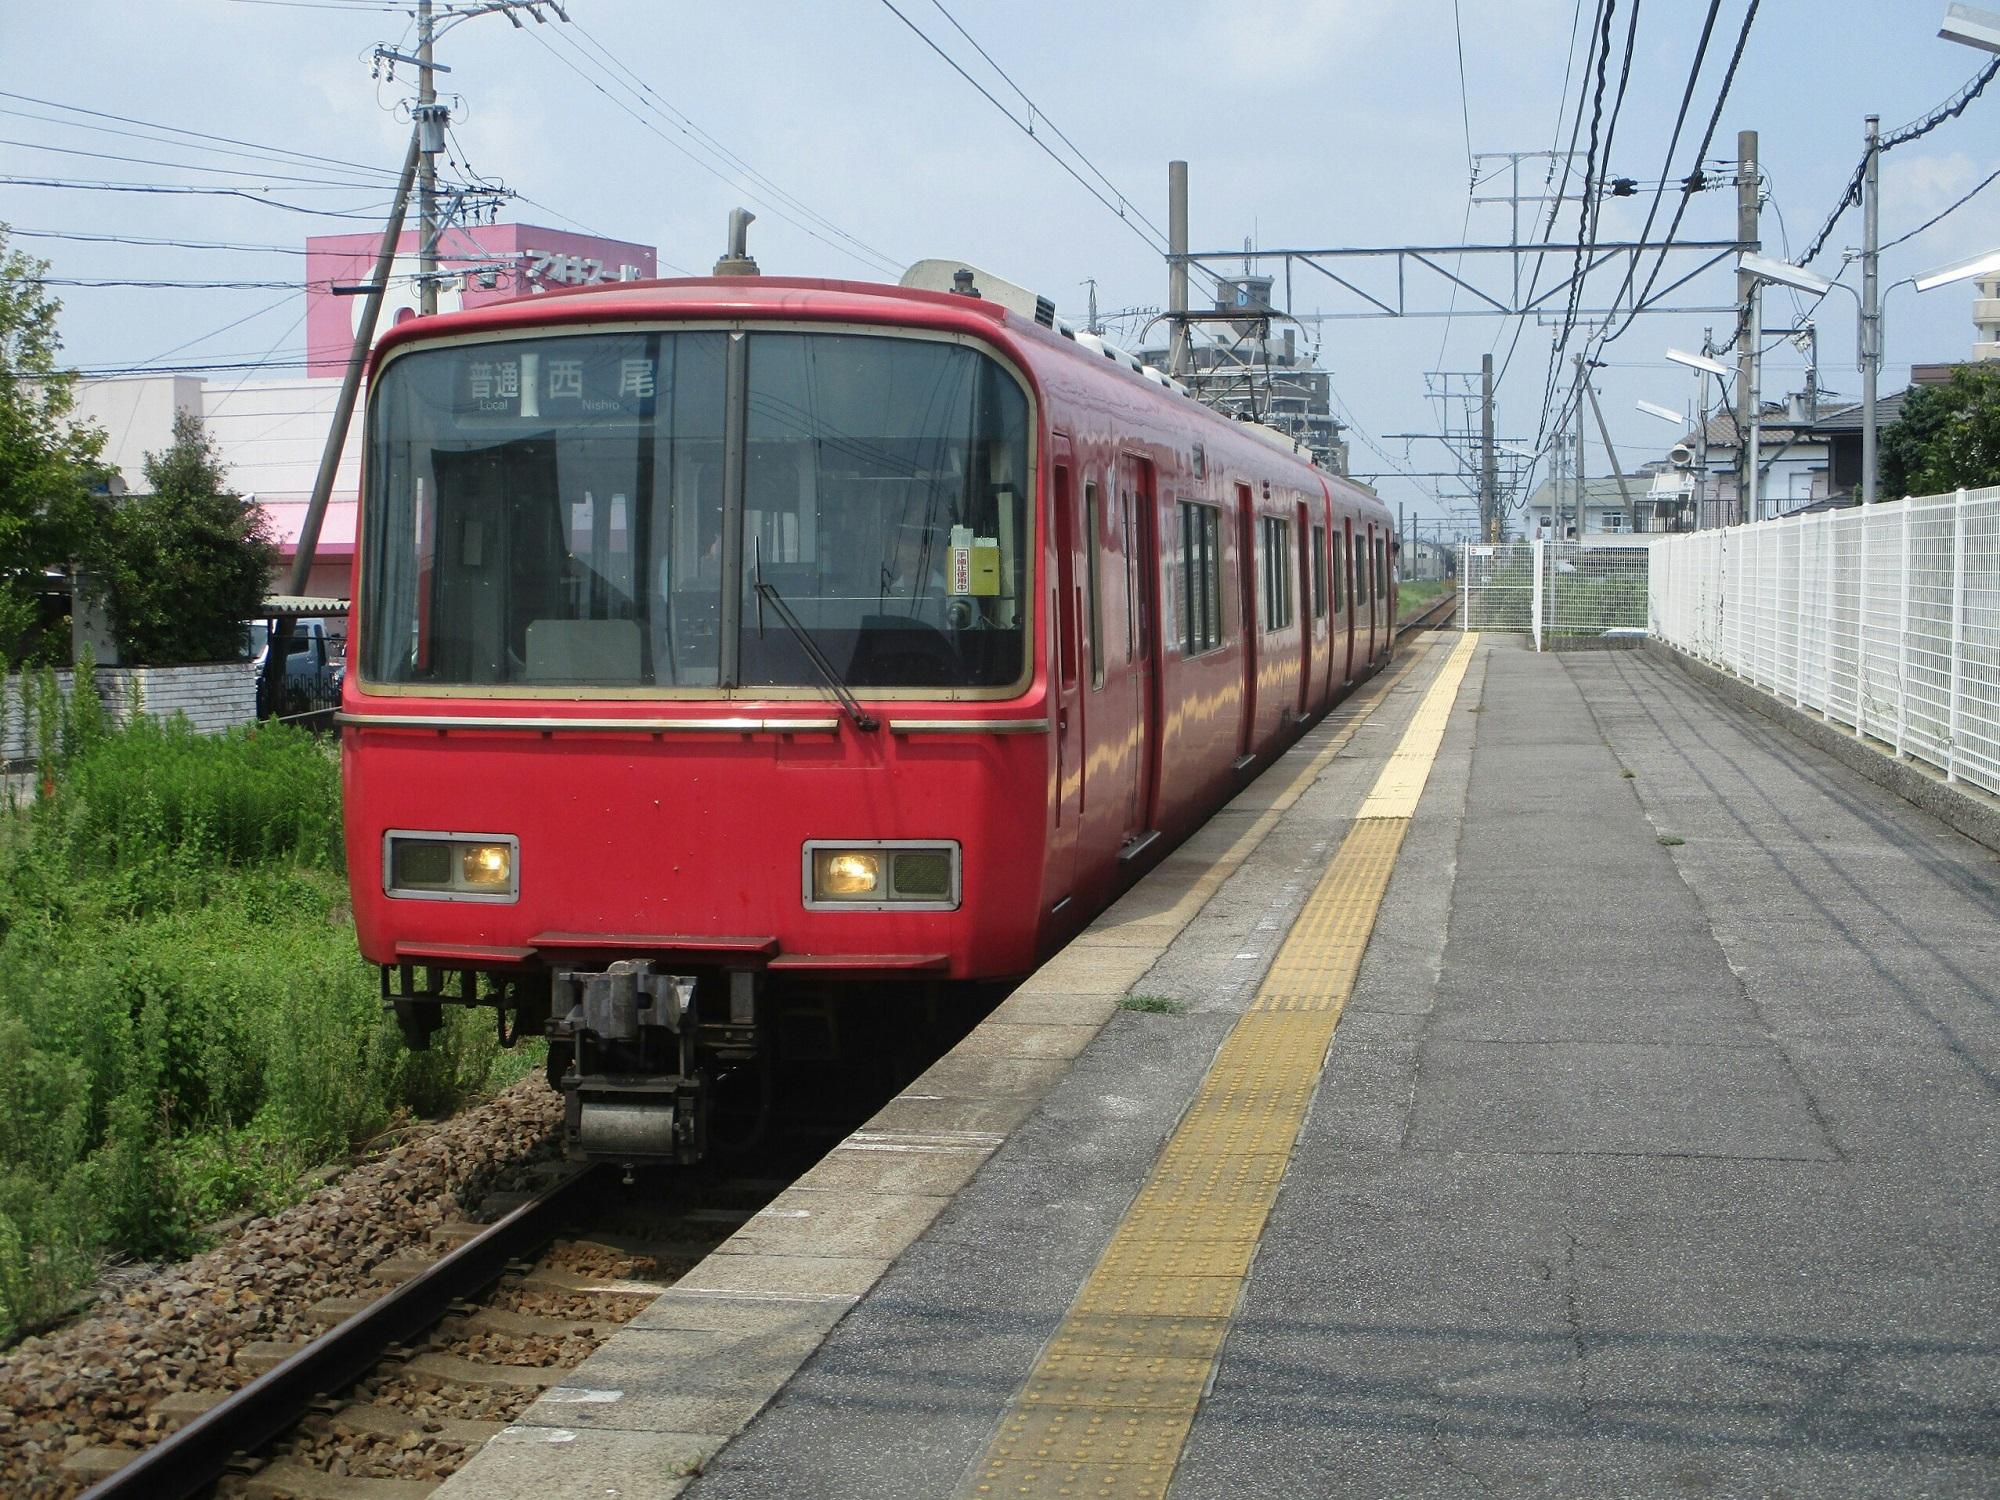 2019.8.18 (1) ふるい - 西尾いきふつう 2000-1500